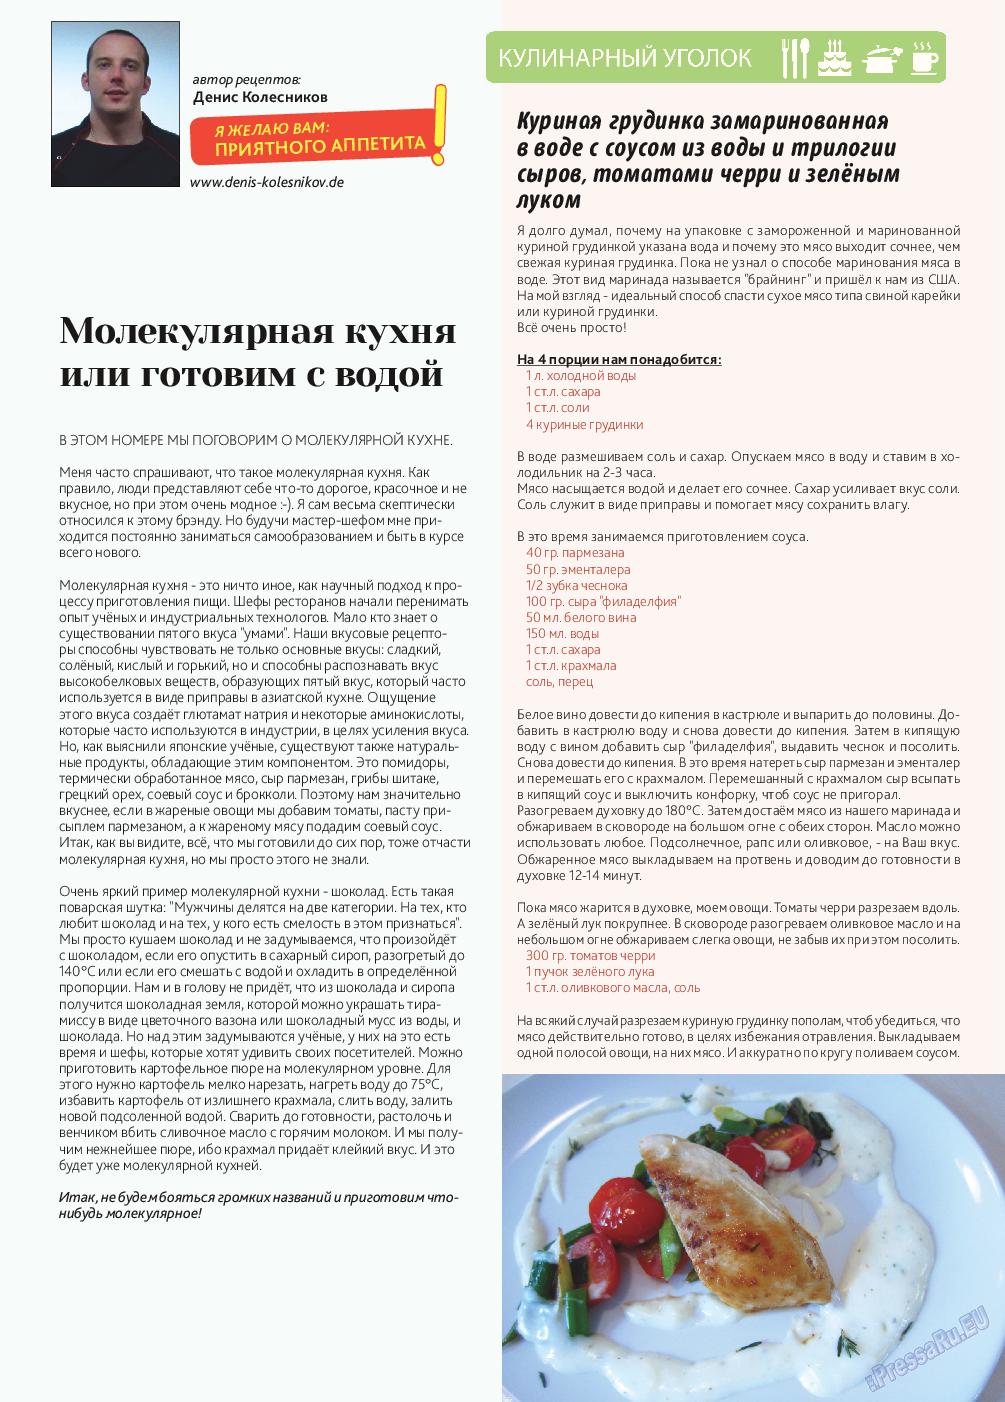 Афиша Augsburg (журнал). 2015 год, номер 4, стр. 21